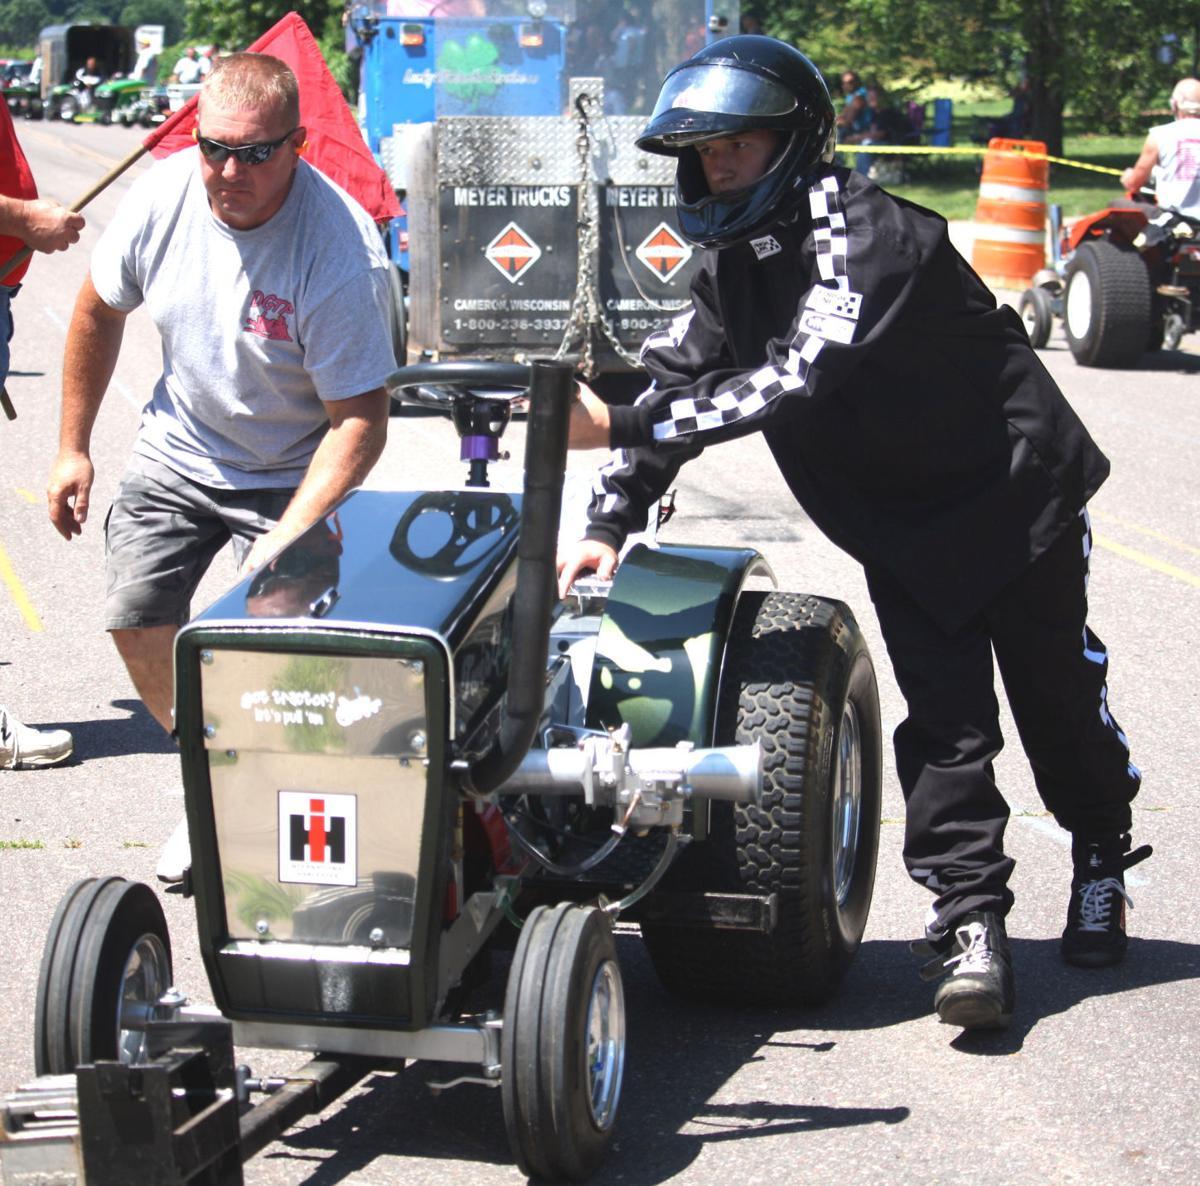 Douglas Garden Tractor Pulling Wheels : Garden tractor pulling tires and wheels ftempo